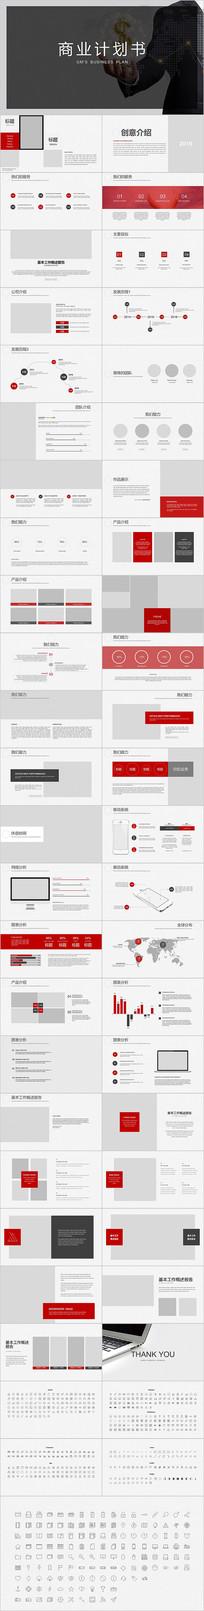 红色完整框架商业计划书公司简介PPT模板